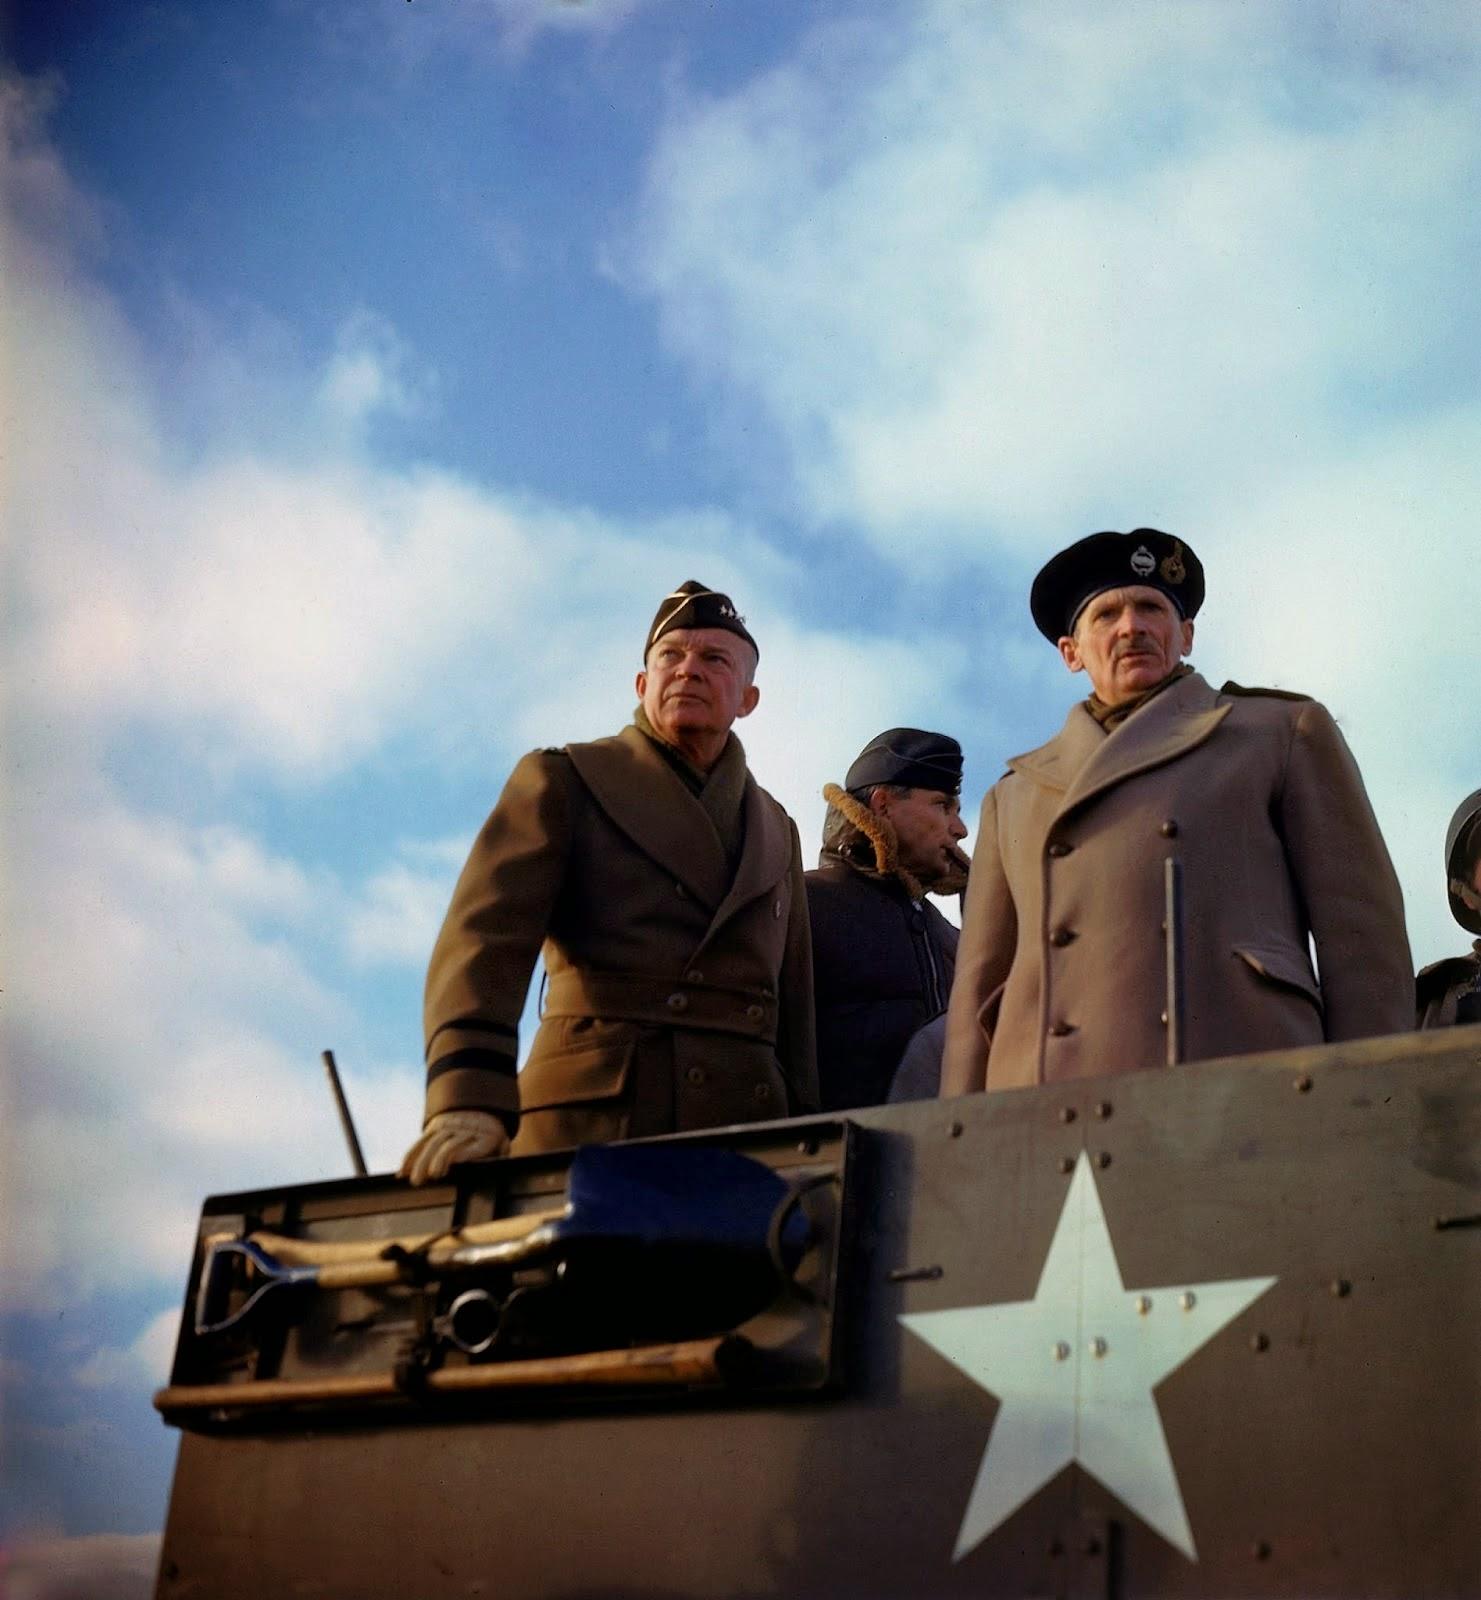 http://1.bp.blogspot.com/-BMvqQqNkRoc/VLacS6m1LnI/AAAAAAABOMg/kYTcRaCLJfI/s1600/Rare+Color+Photographs+from+World+War+II+(7).jpg